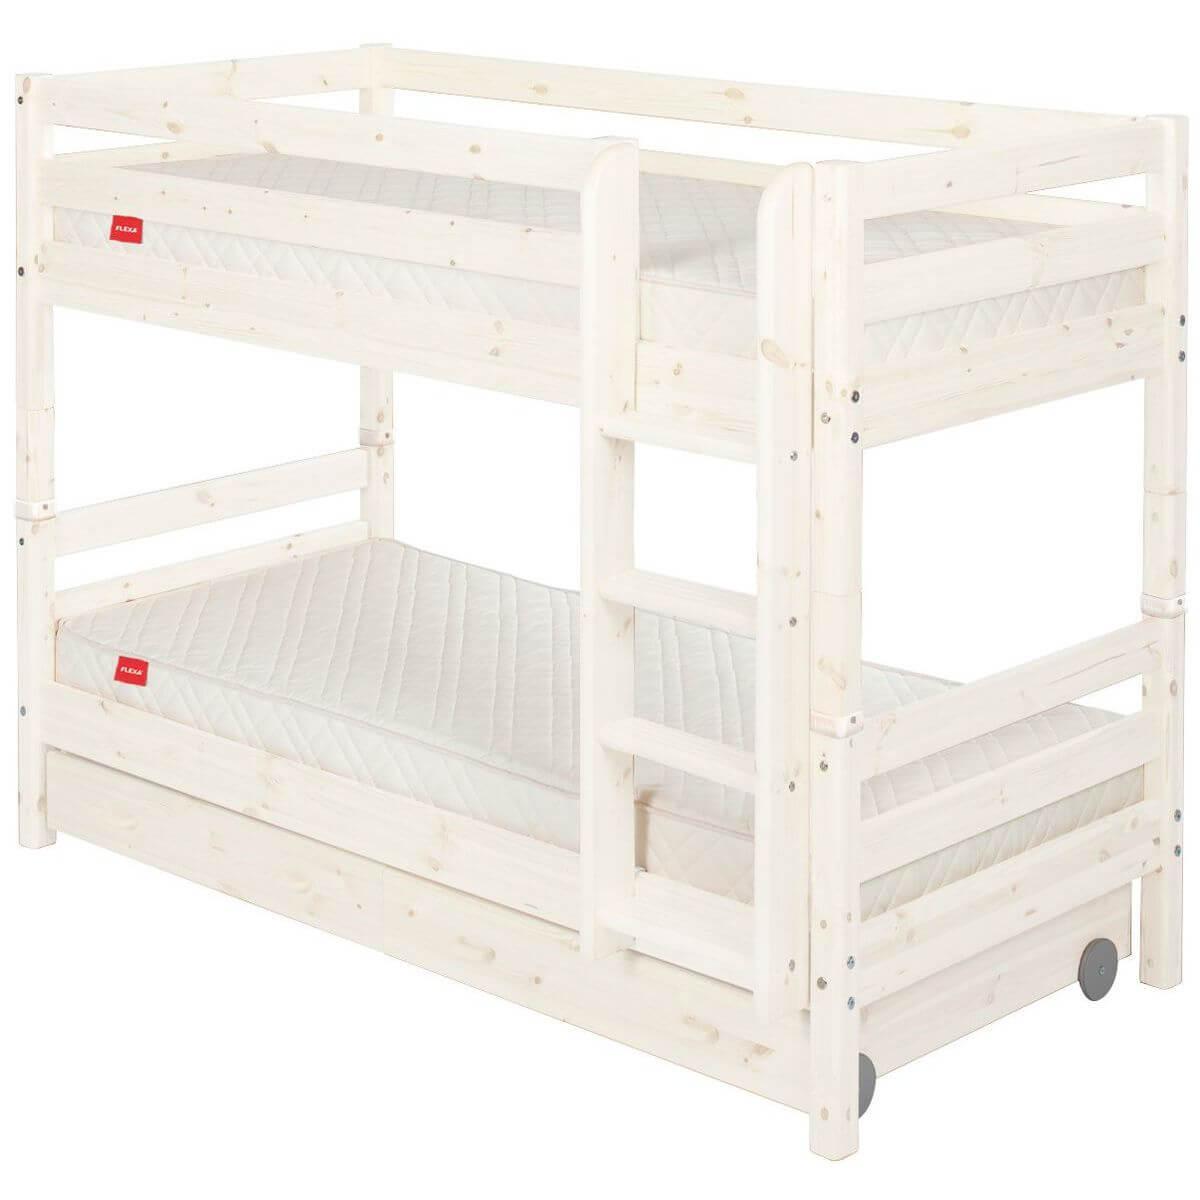 Etagenbett 90x190cm + gerade Leiter + 2 Schubladen CLASSIC by Flexa whitewash